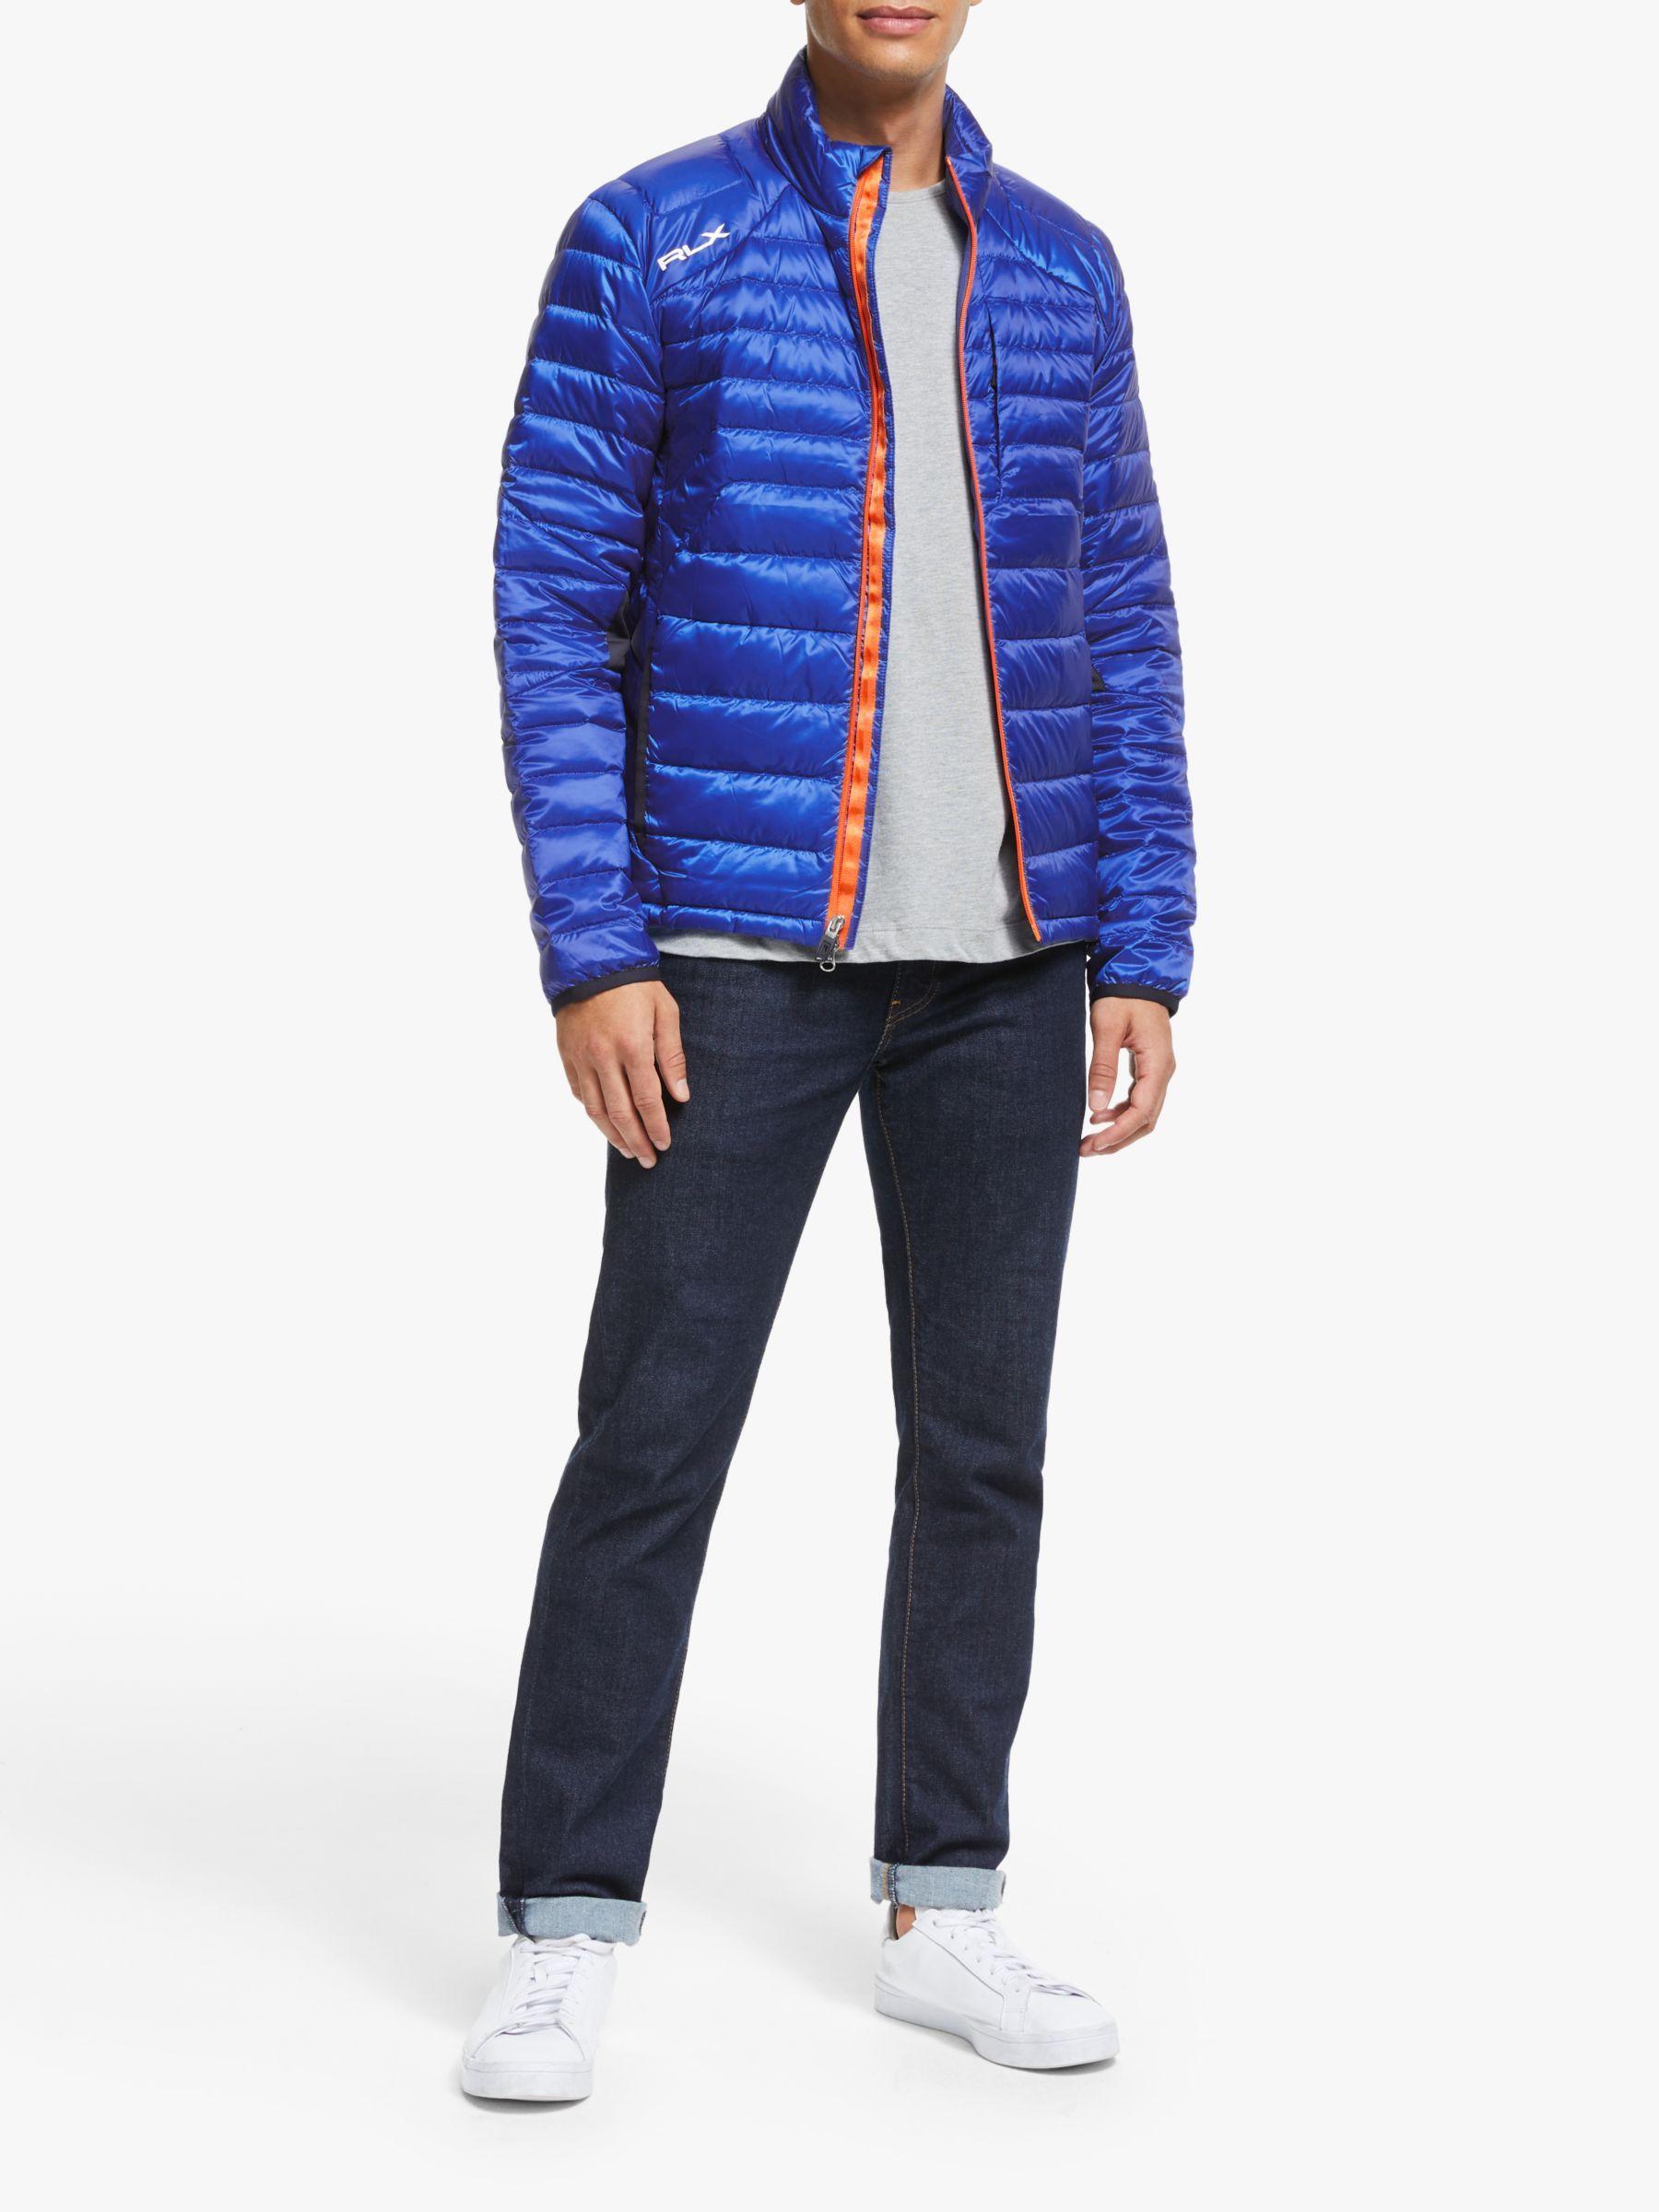 Polo Golf By Ralph Lauren Packable Down Jacket New Iris Blue Ralph Lauren Jackets